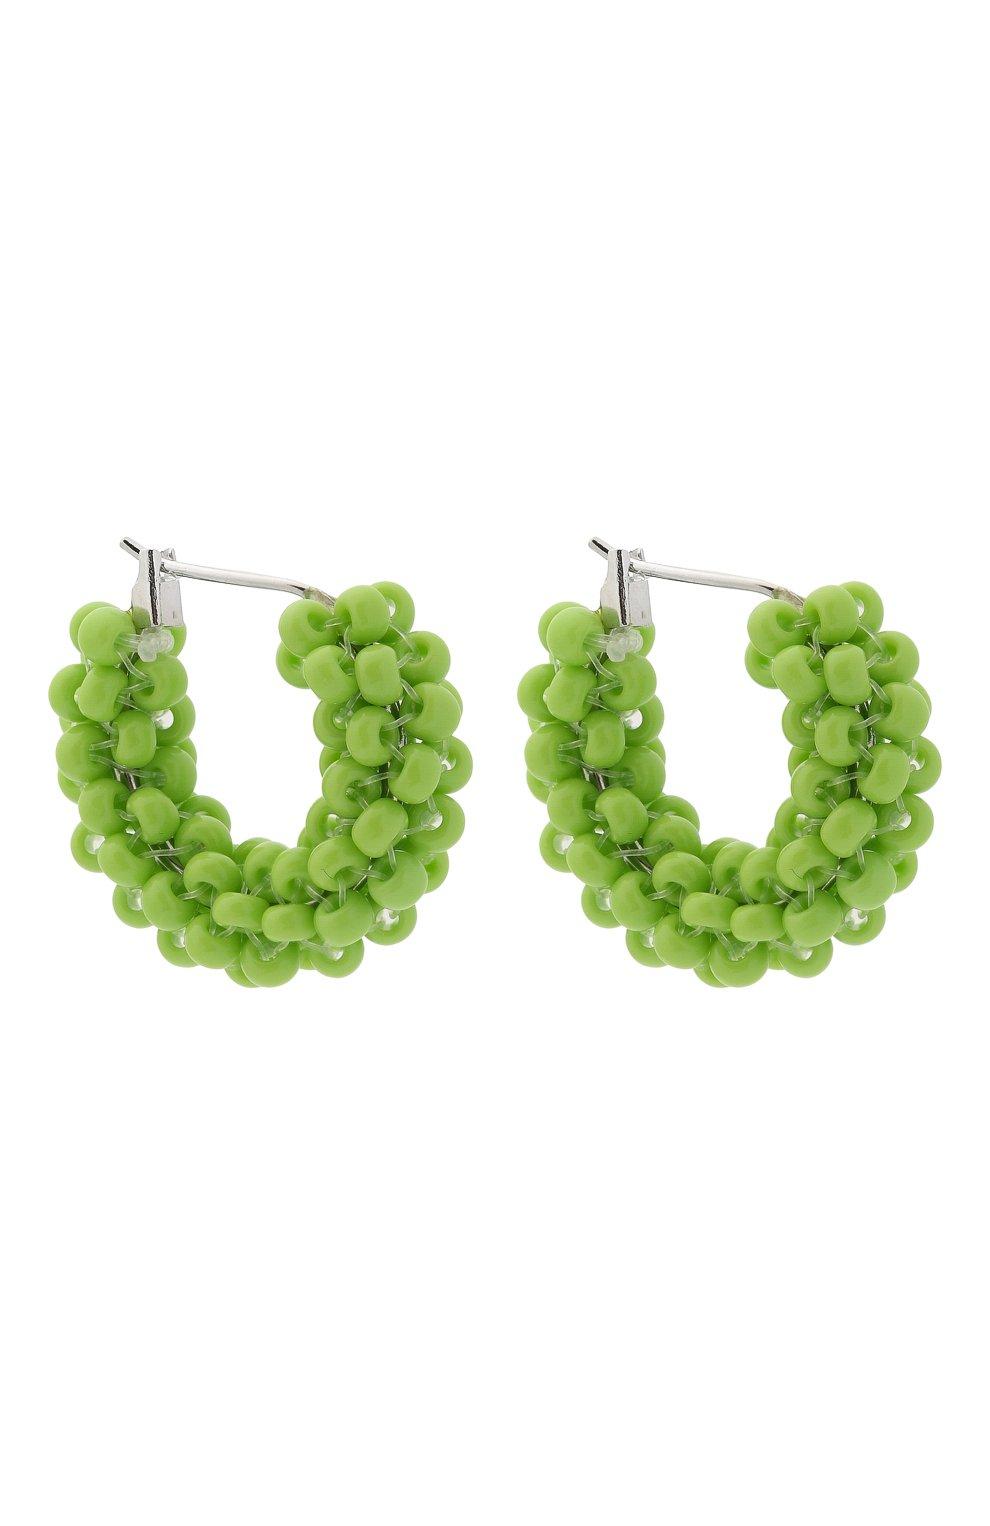 Женские серьги HIAYNDERFYT зеленого цвета, арт. 1405.6   Фото 3 (Материал: Стекло, Металл)